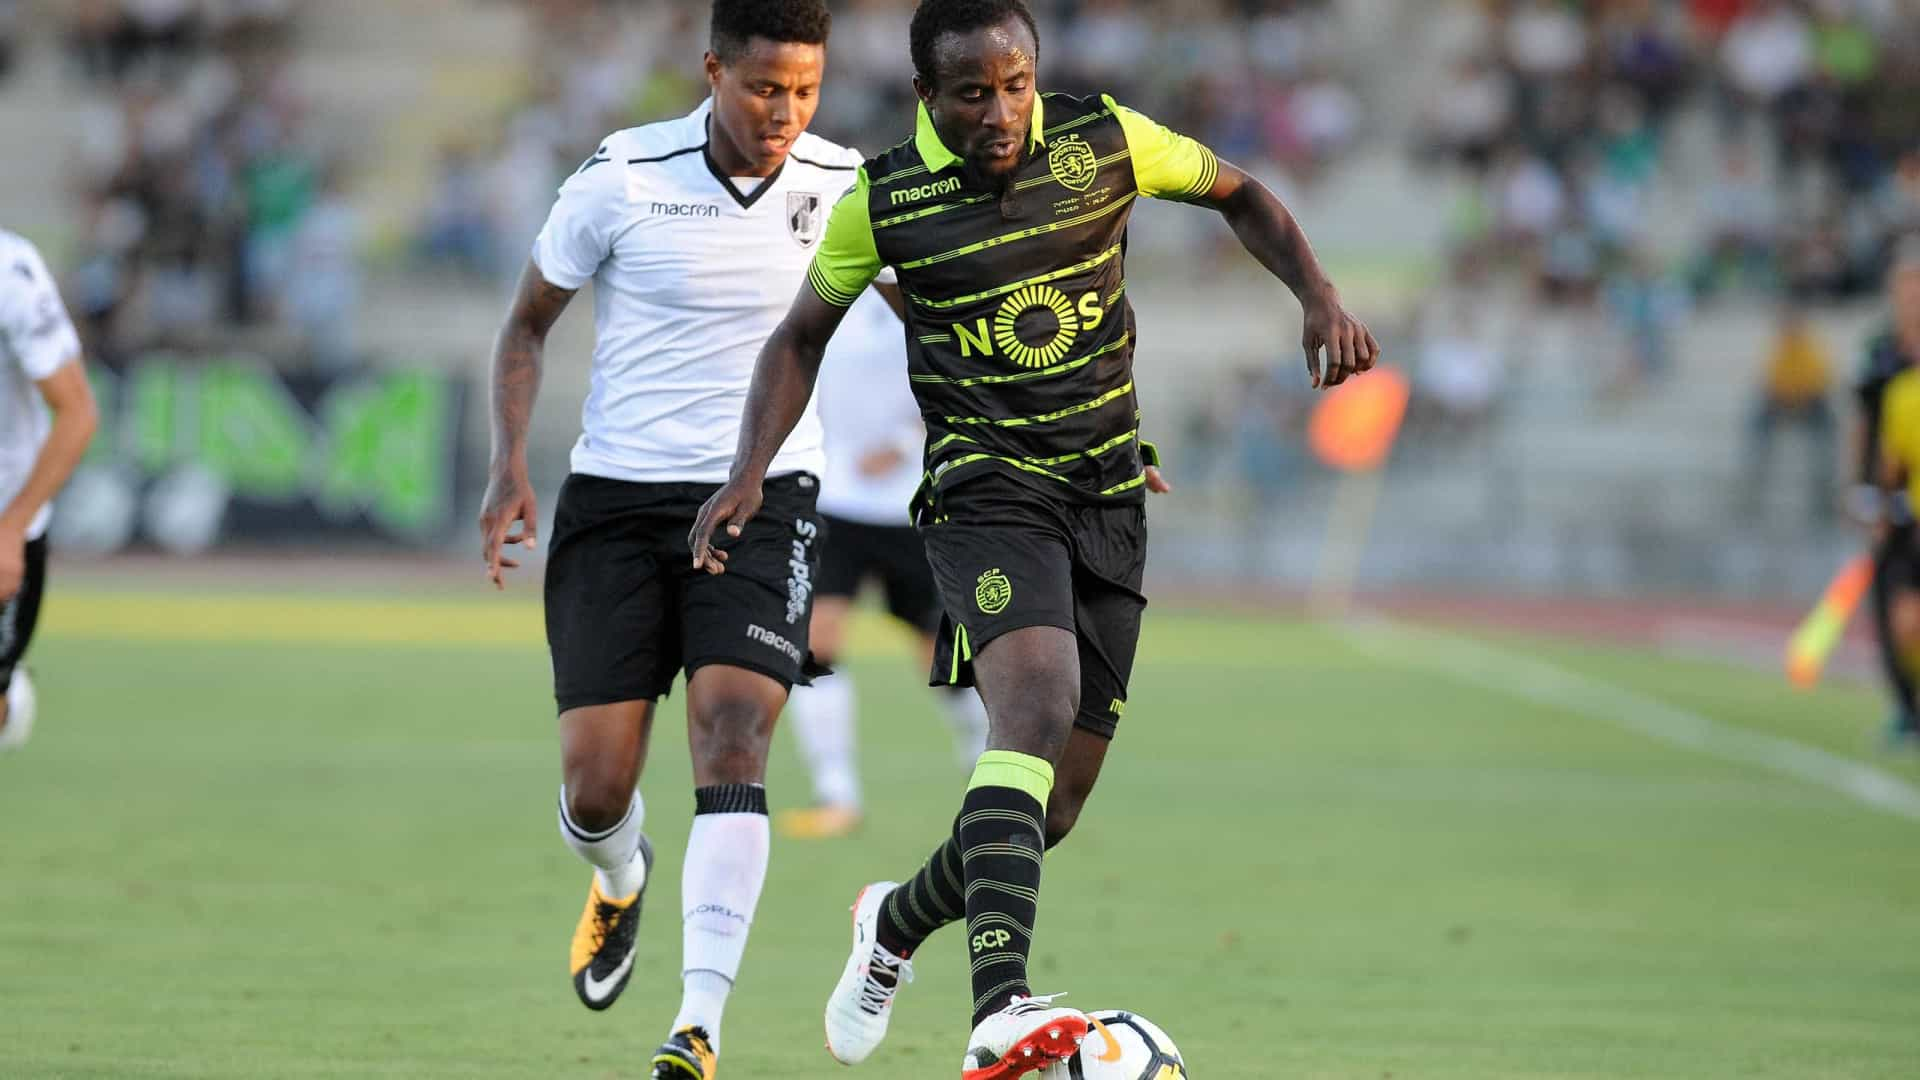 V. Guimarães derrota Sporting por 3-0